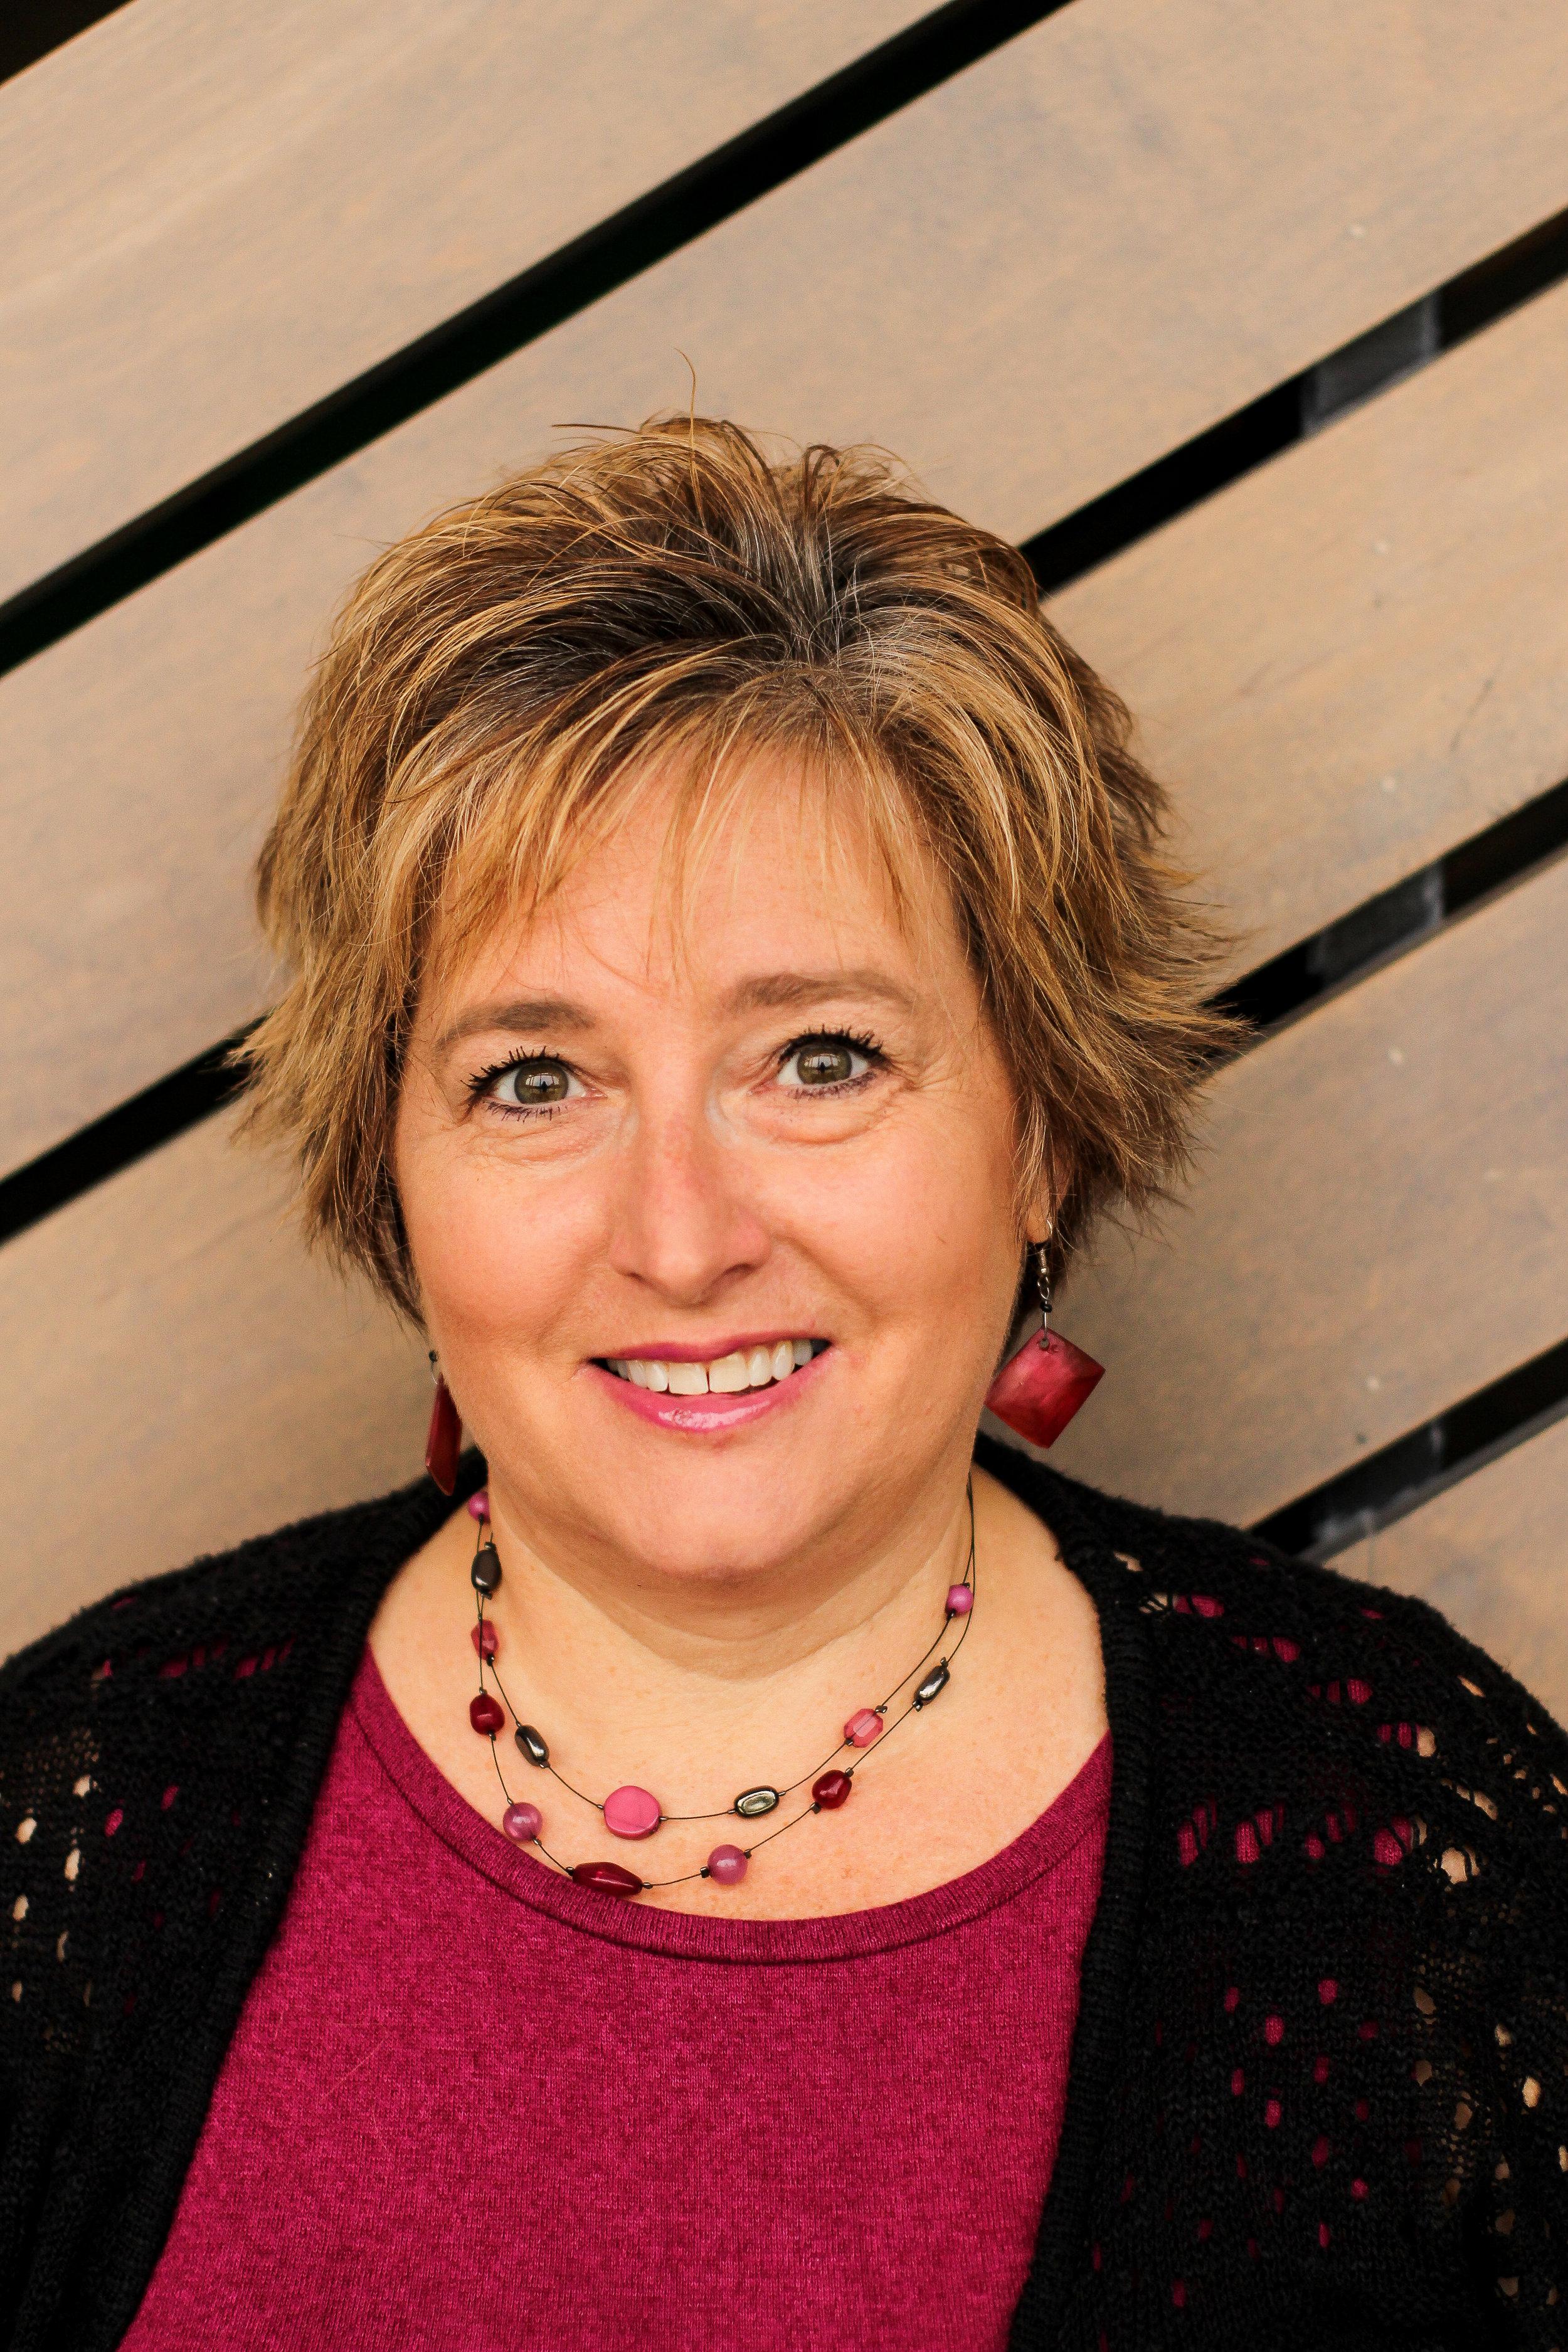 Janice Bodenbender